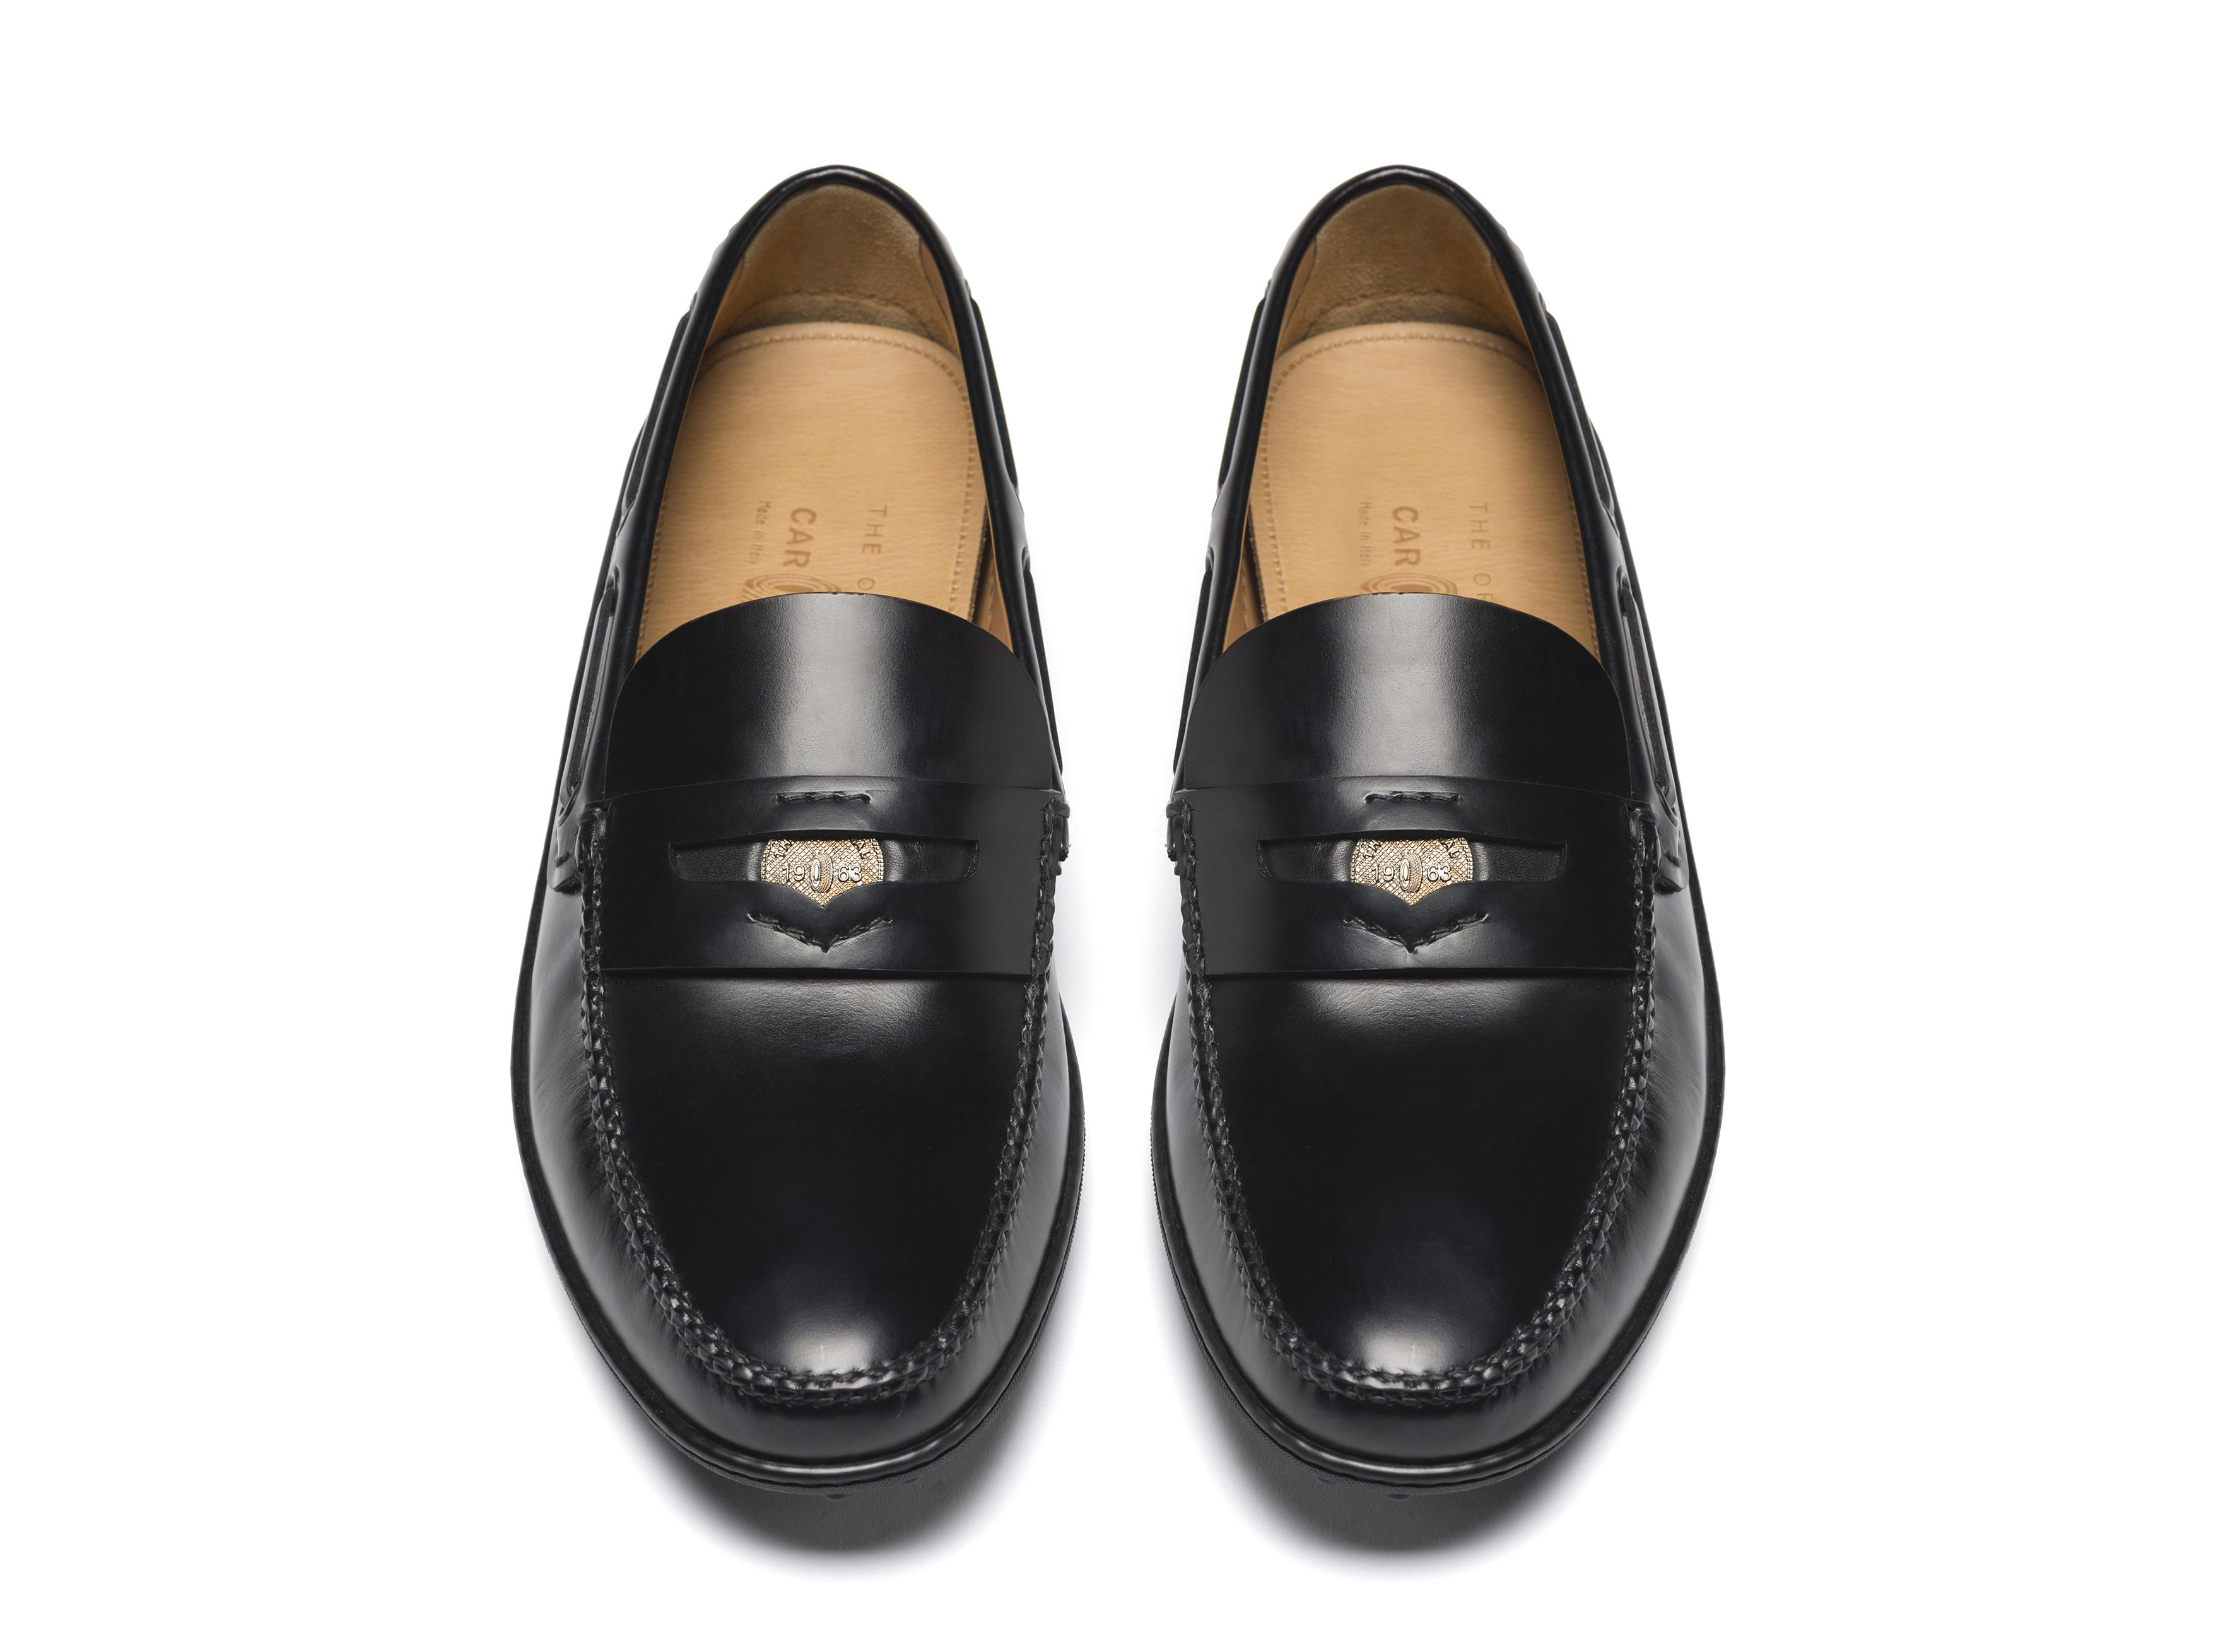 3c0c3518fa Car Shoe novità uomo Autunno-Inverno 2016-17 | Fashion Times